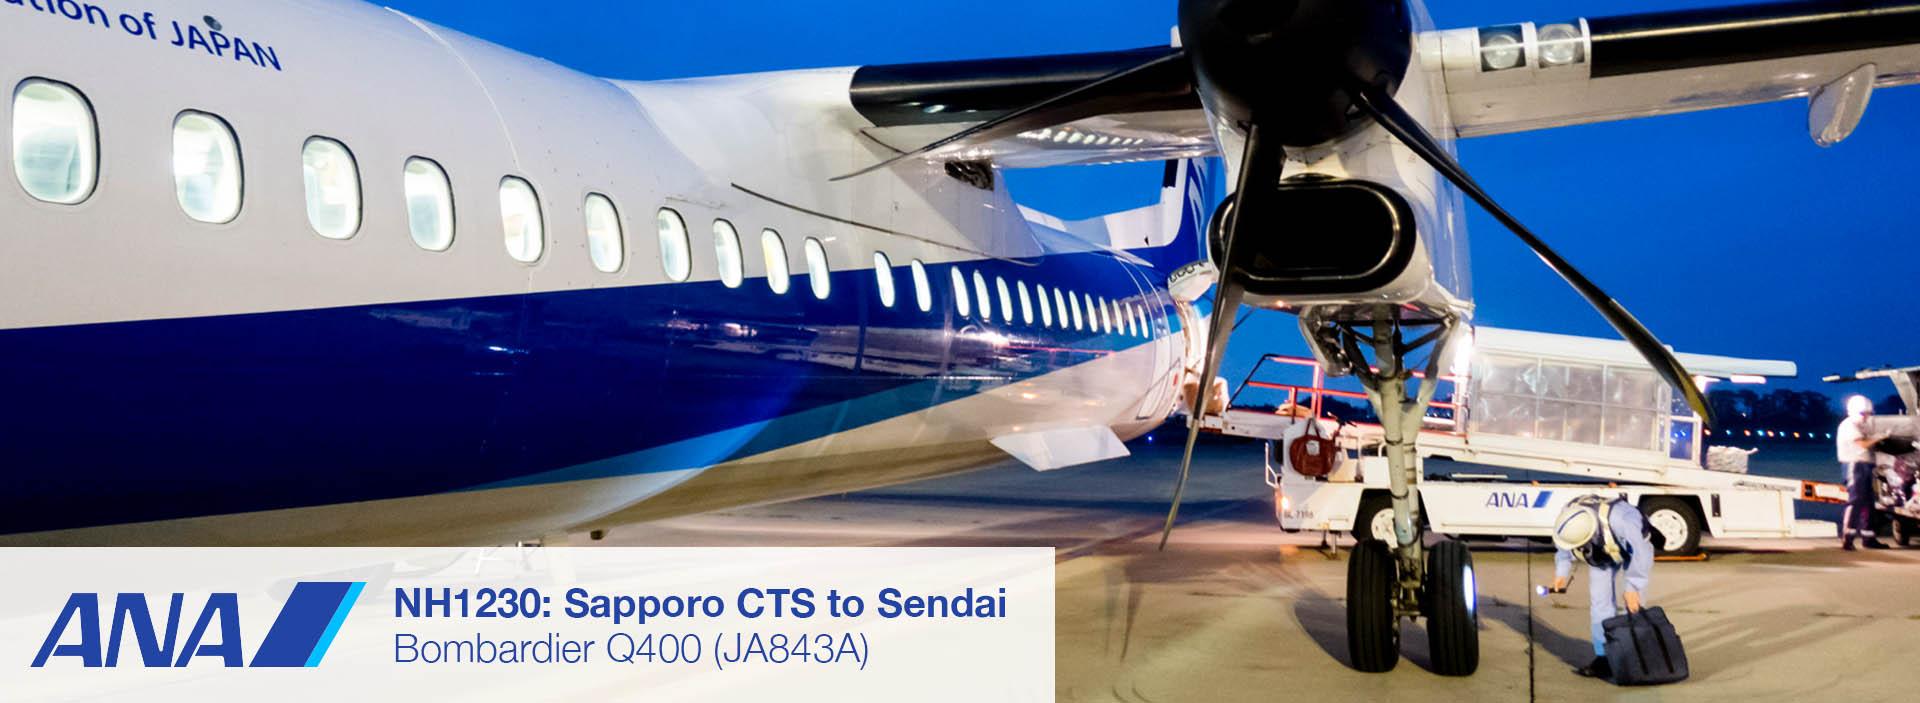 Review: ANA Bombardier Q400 Domestic Economy Class (Sapporo - Sendai)